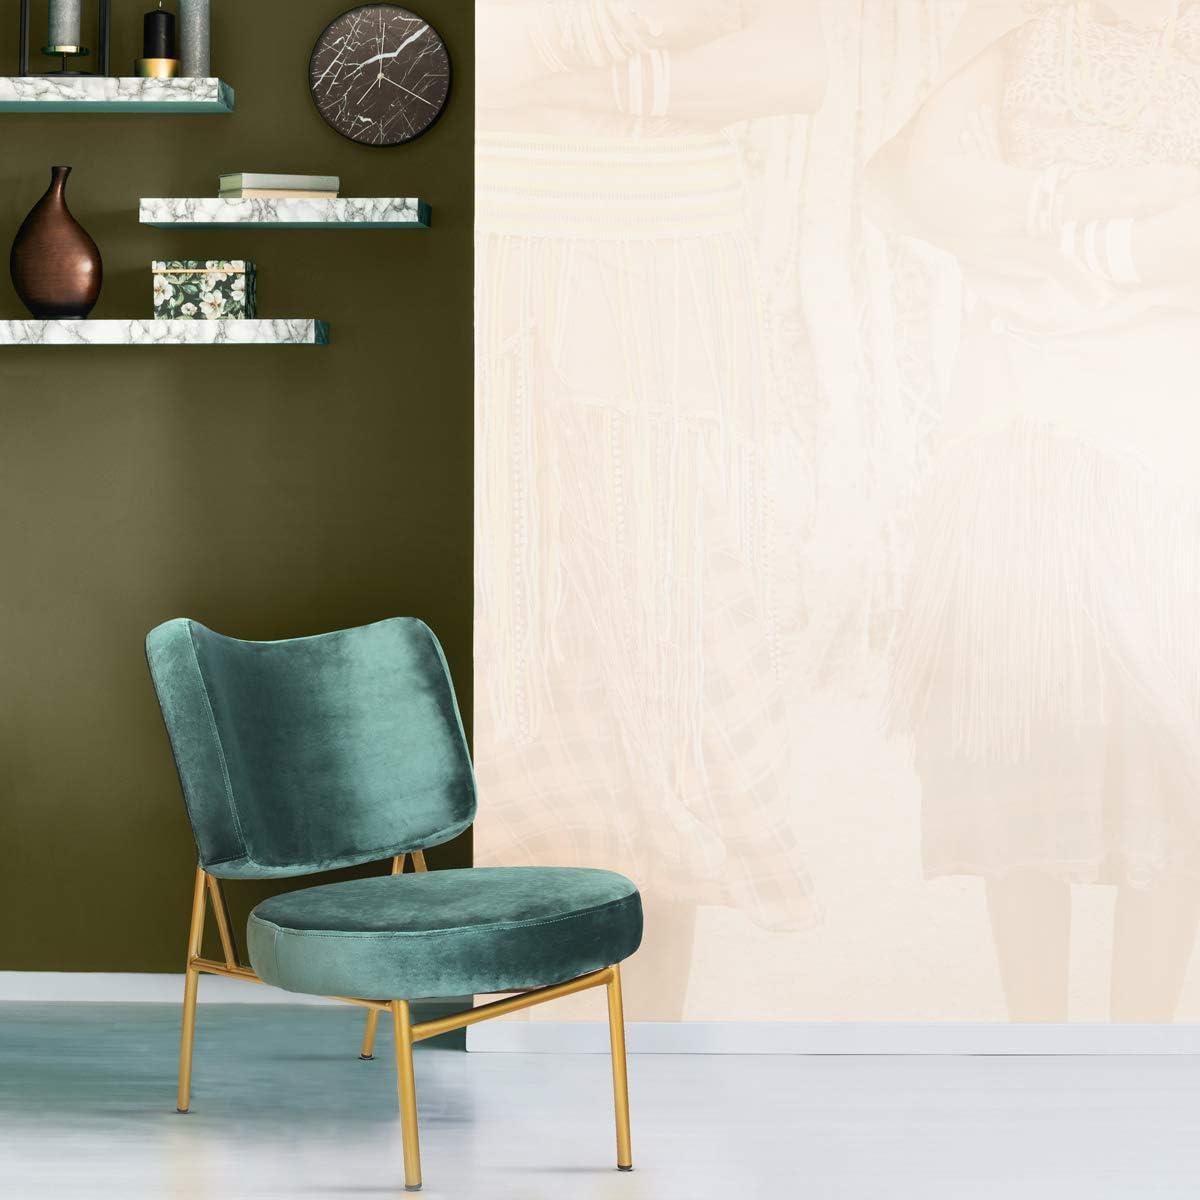 Mc Haus OSHA - Sillón Comedor de color Verde pino, Butaca Salón Tapizado en terciopelo, Asiento Acolchado cómodo y patas de metal color Dorado 43,5x63x76cm